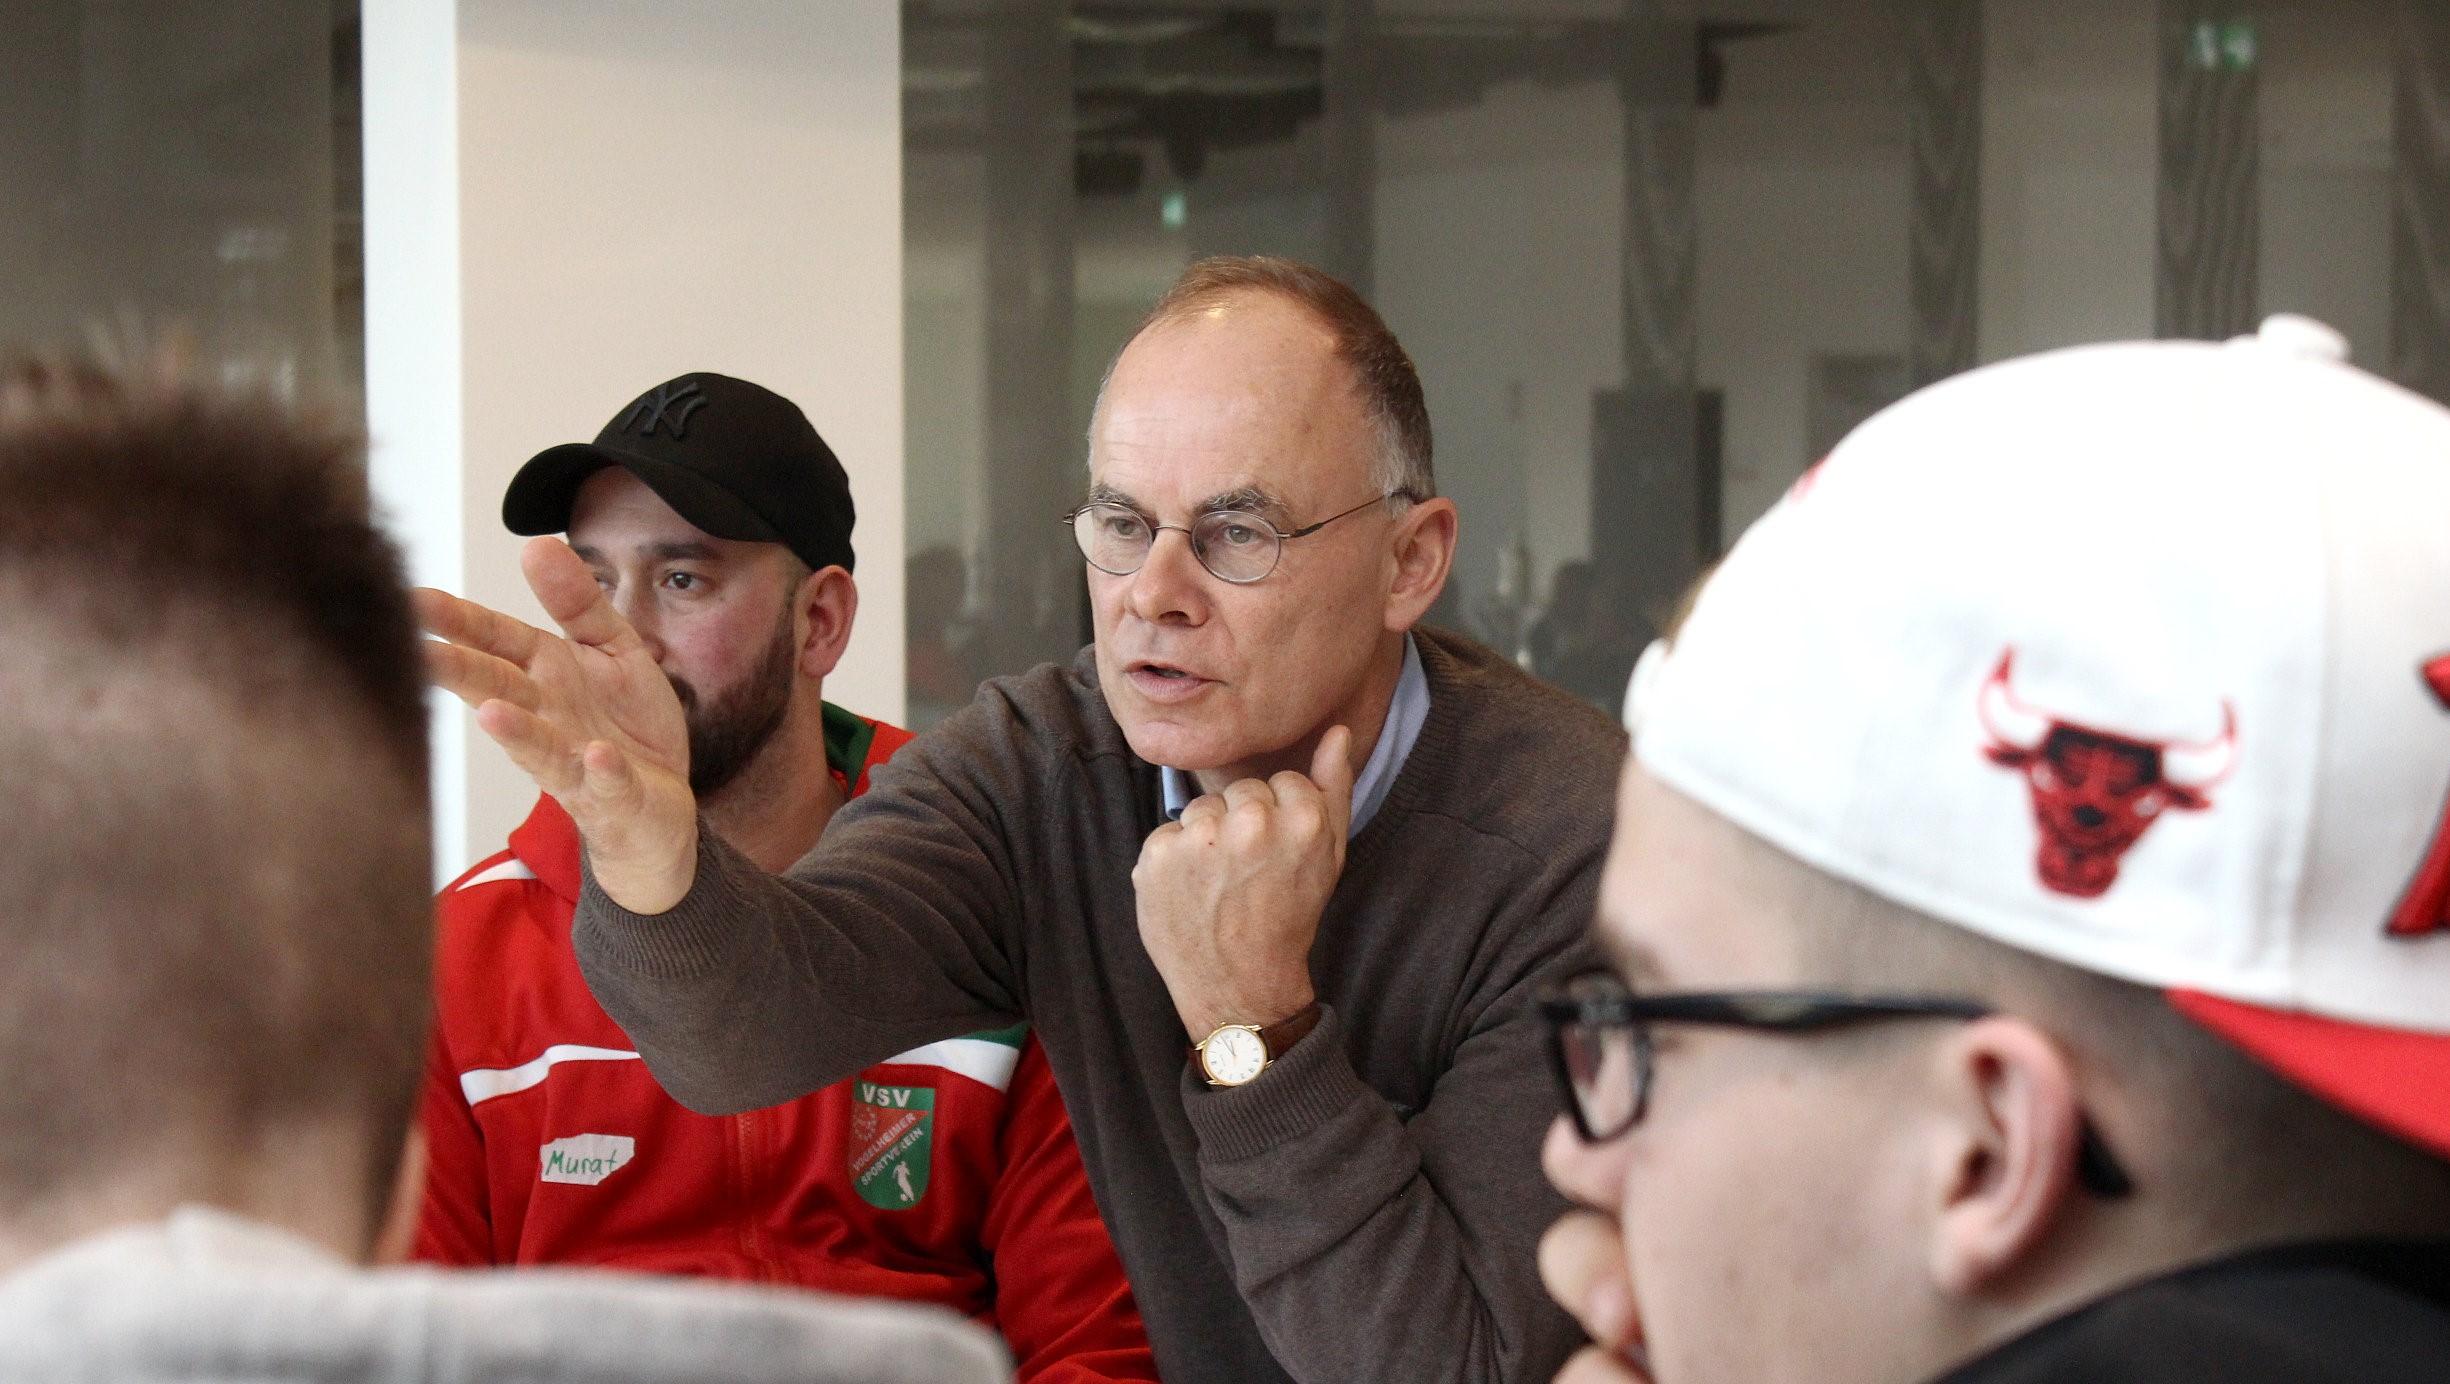 Essen hat die Nase vorn: Prof. Dr. Ulf Gebken informiert im Interview über den aktuellen Stand der FairPlayLiga. (Foto: Müller)